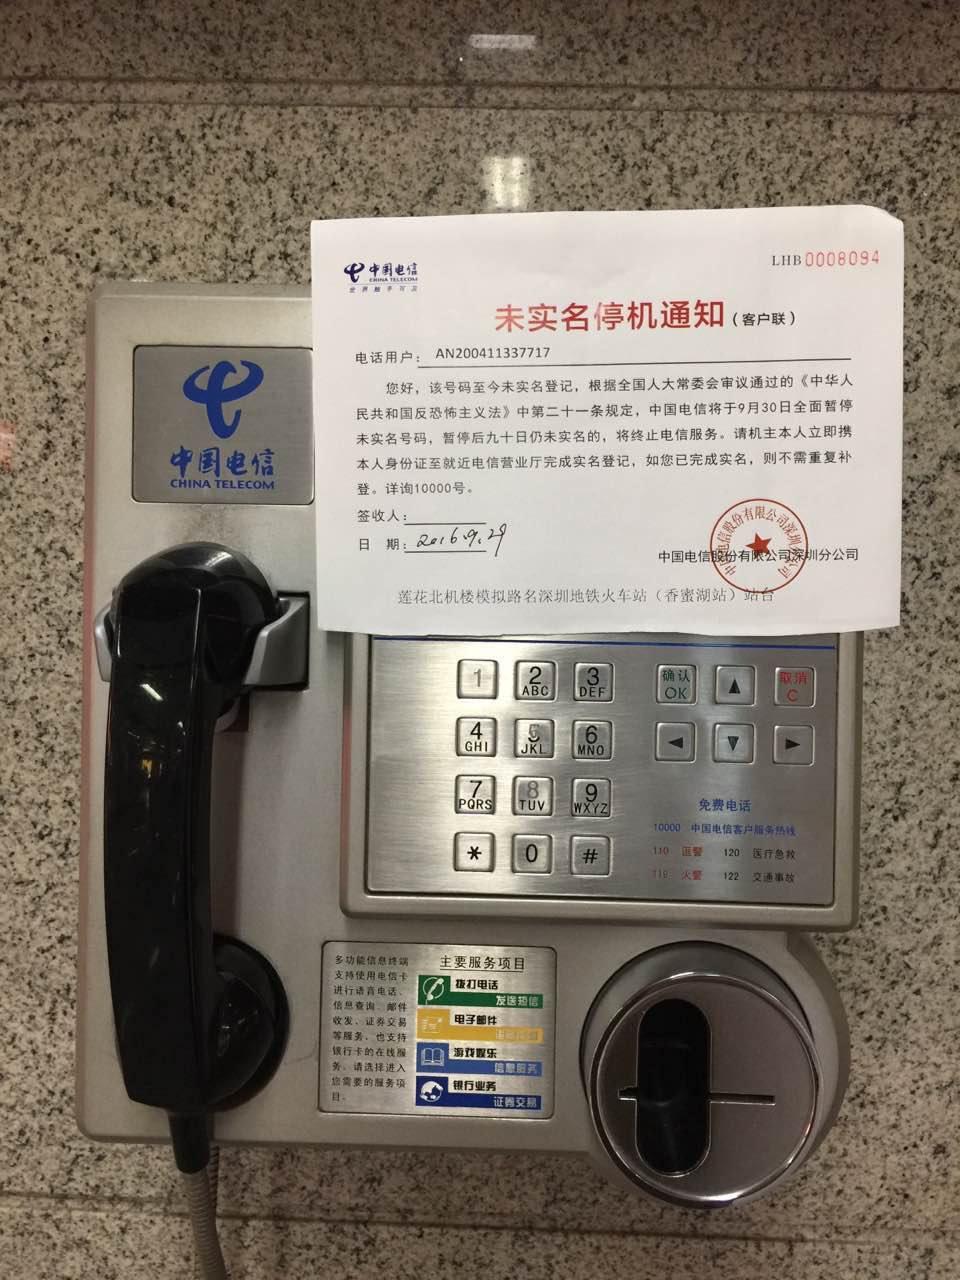 """【图说天朝】深圳地铁站公用电话遭""""未实名停机"""""""